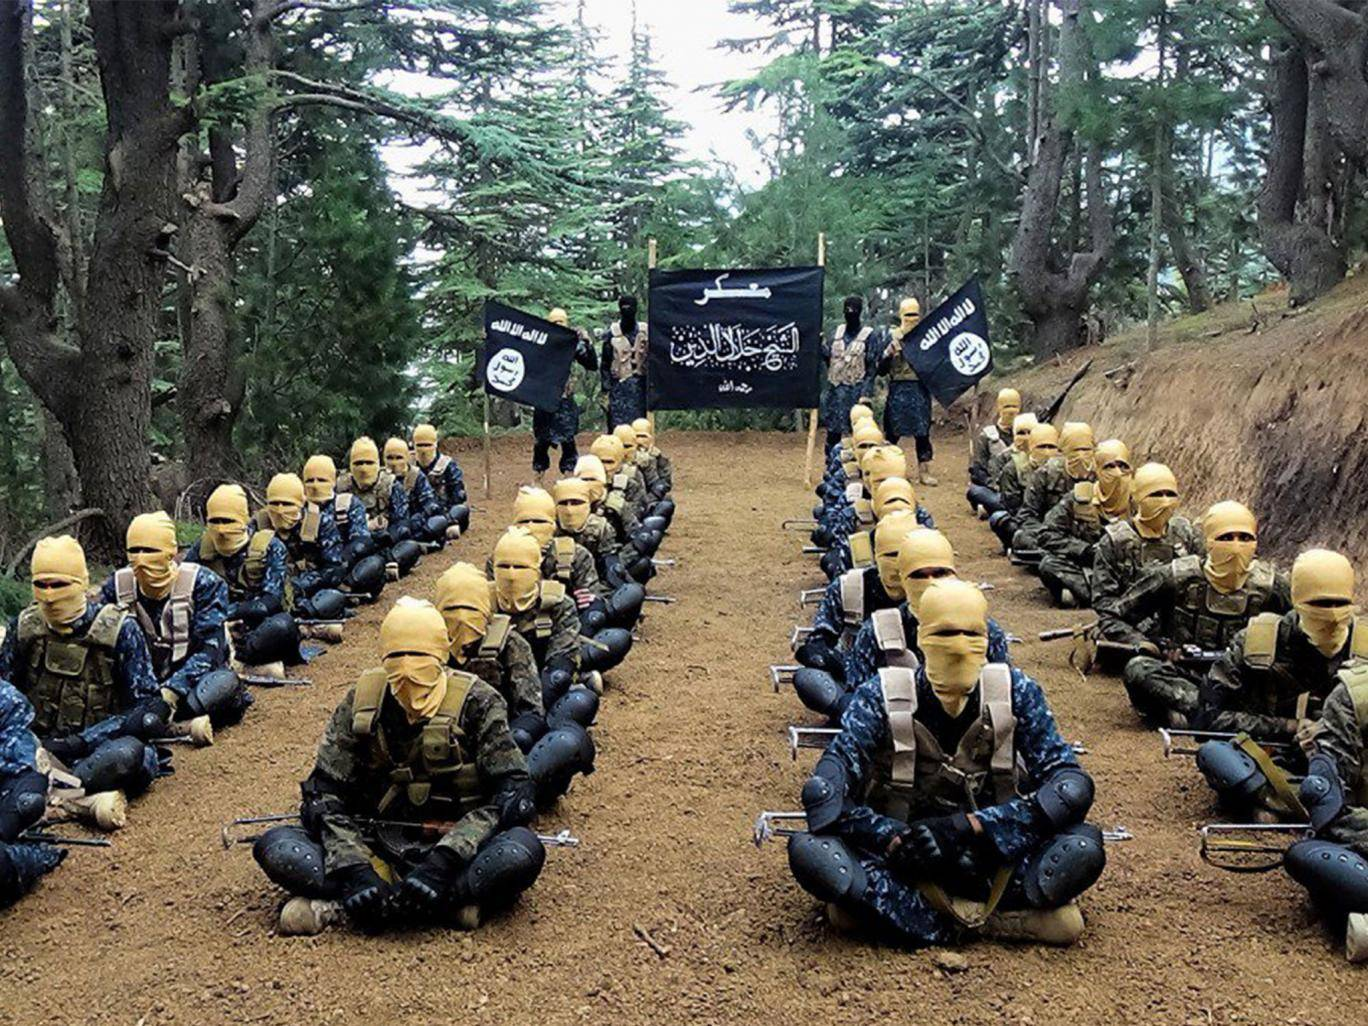 Rusya: Afganistan'da 10 bin IŞİD savaşçısı var